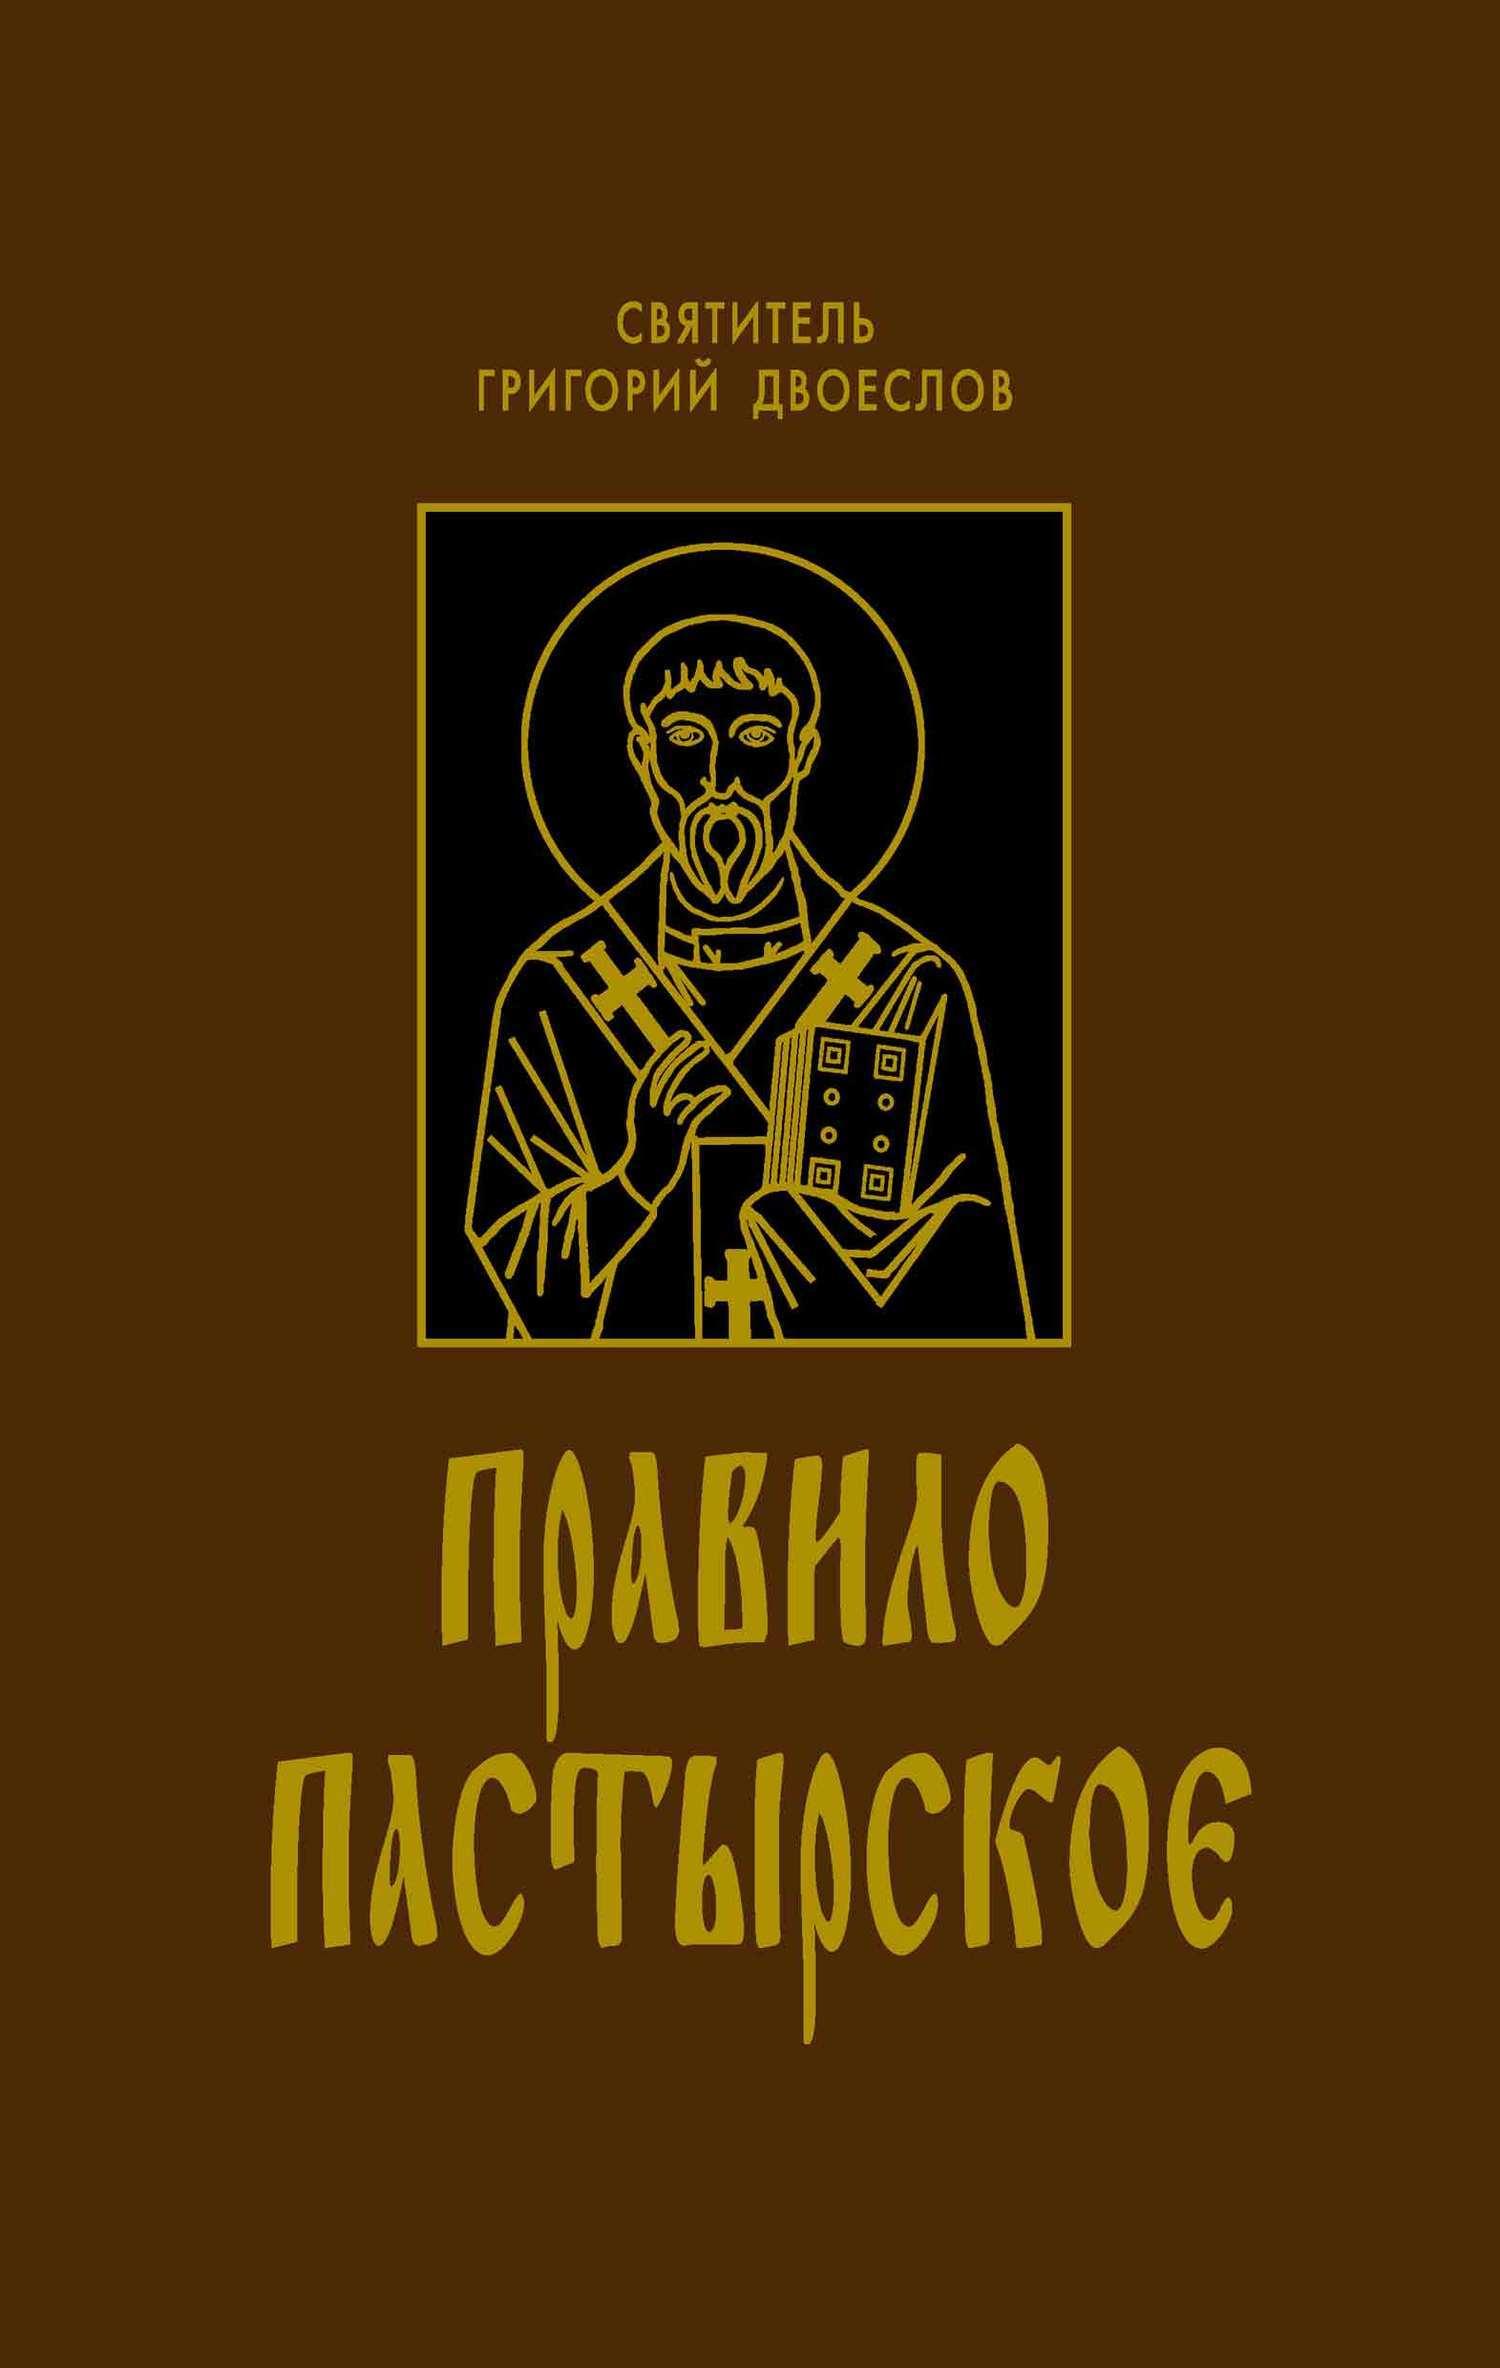 Григорий Двоеслов - Правило Пастырское